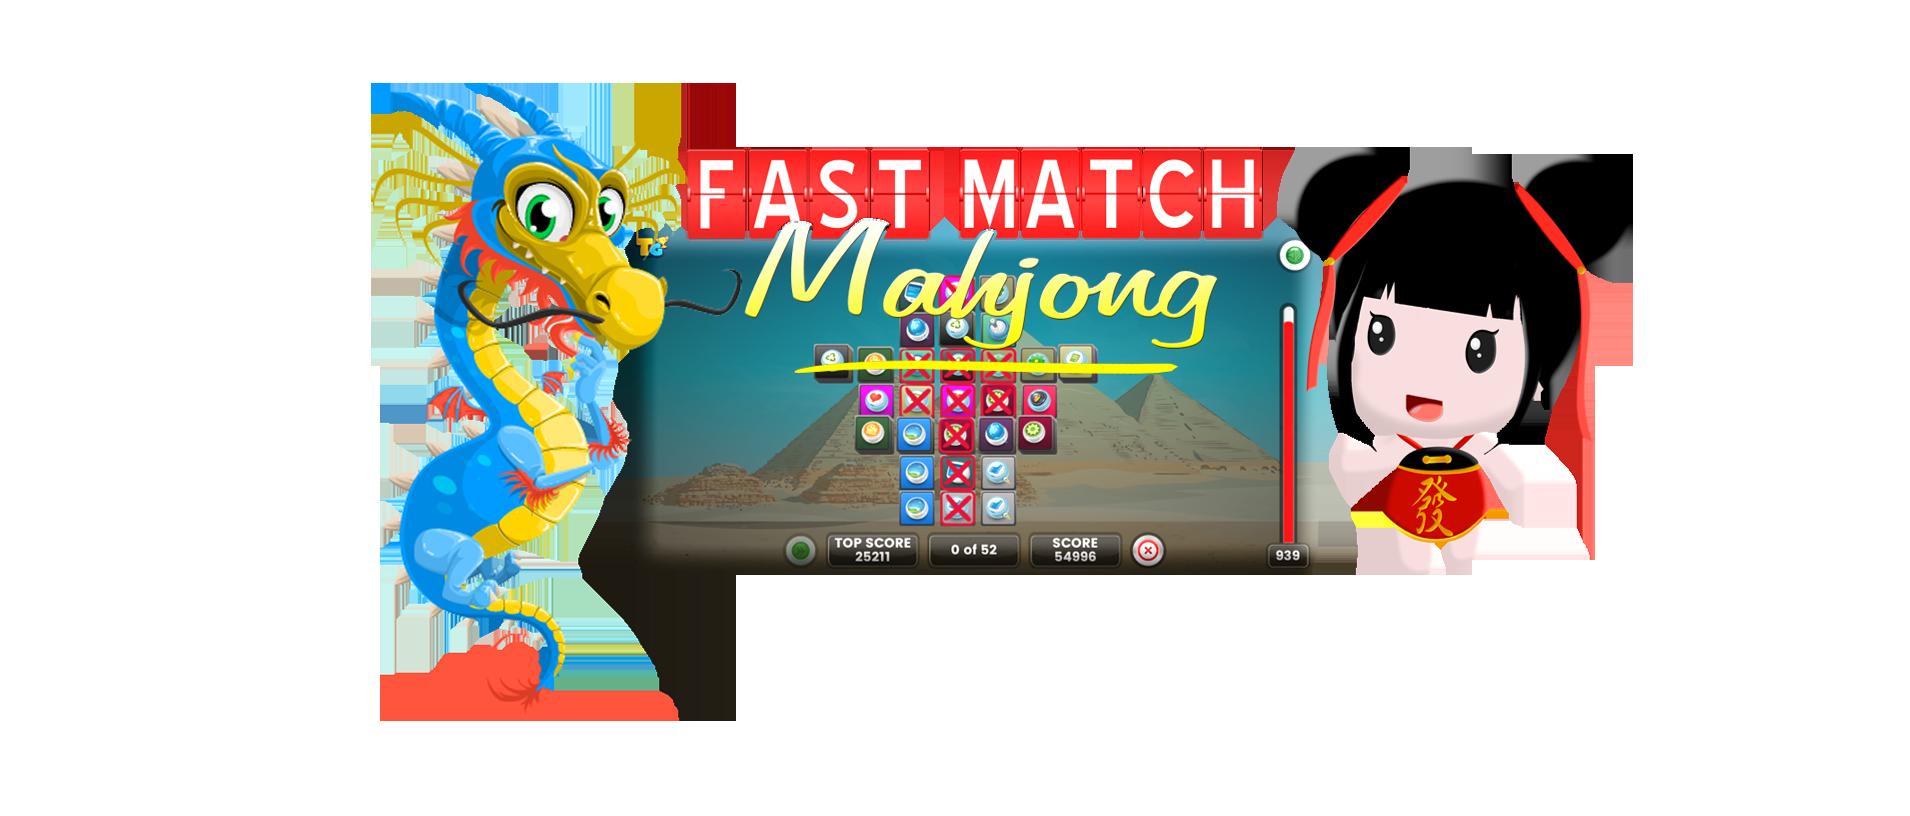 Match mahjong online game. Fast clipart sport winner